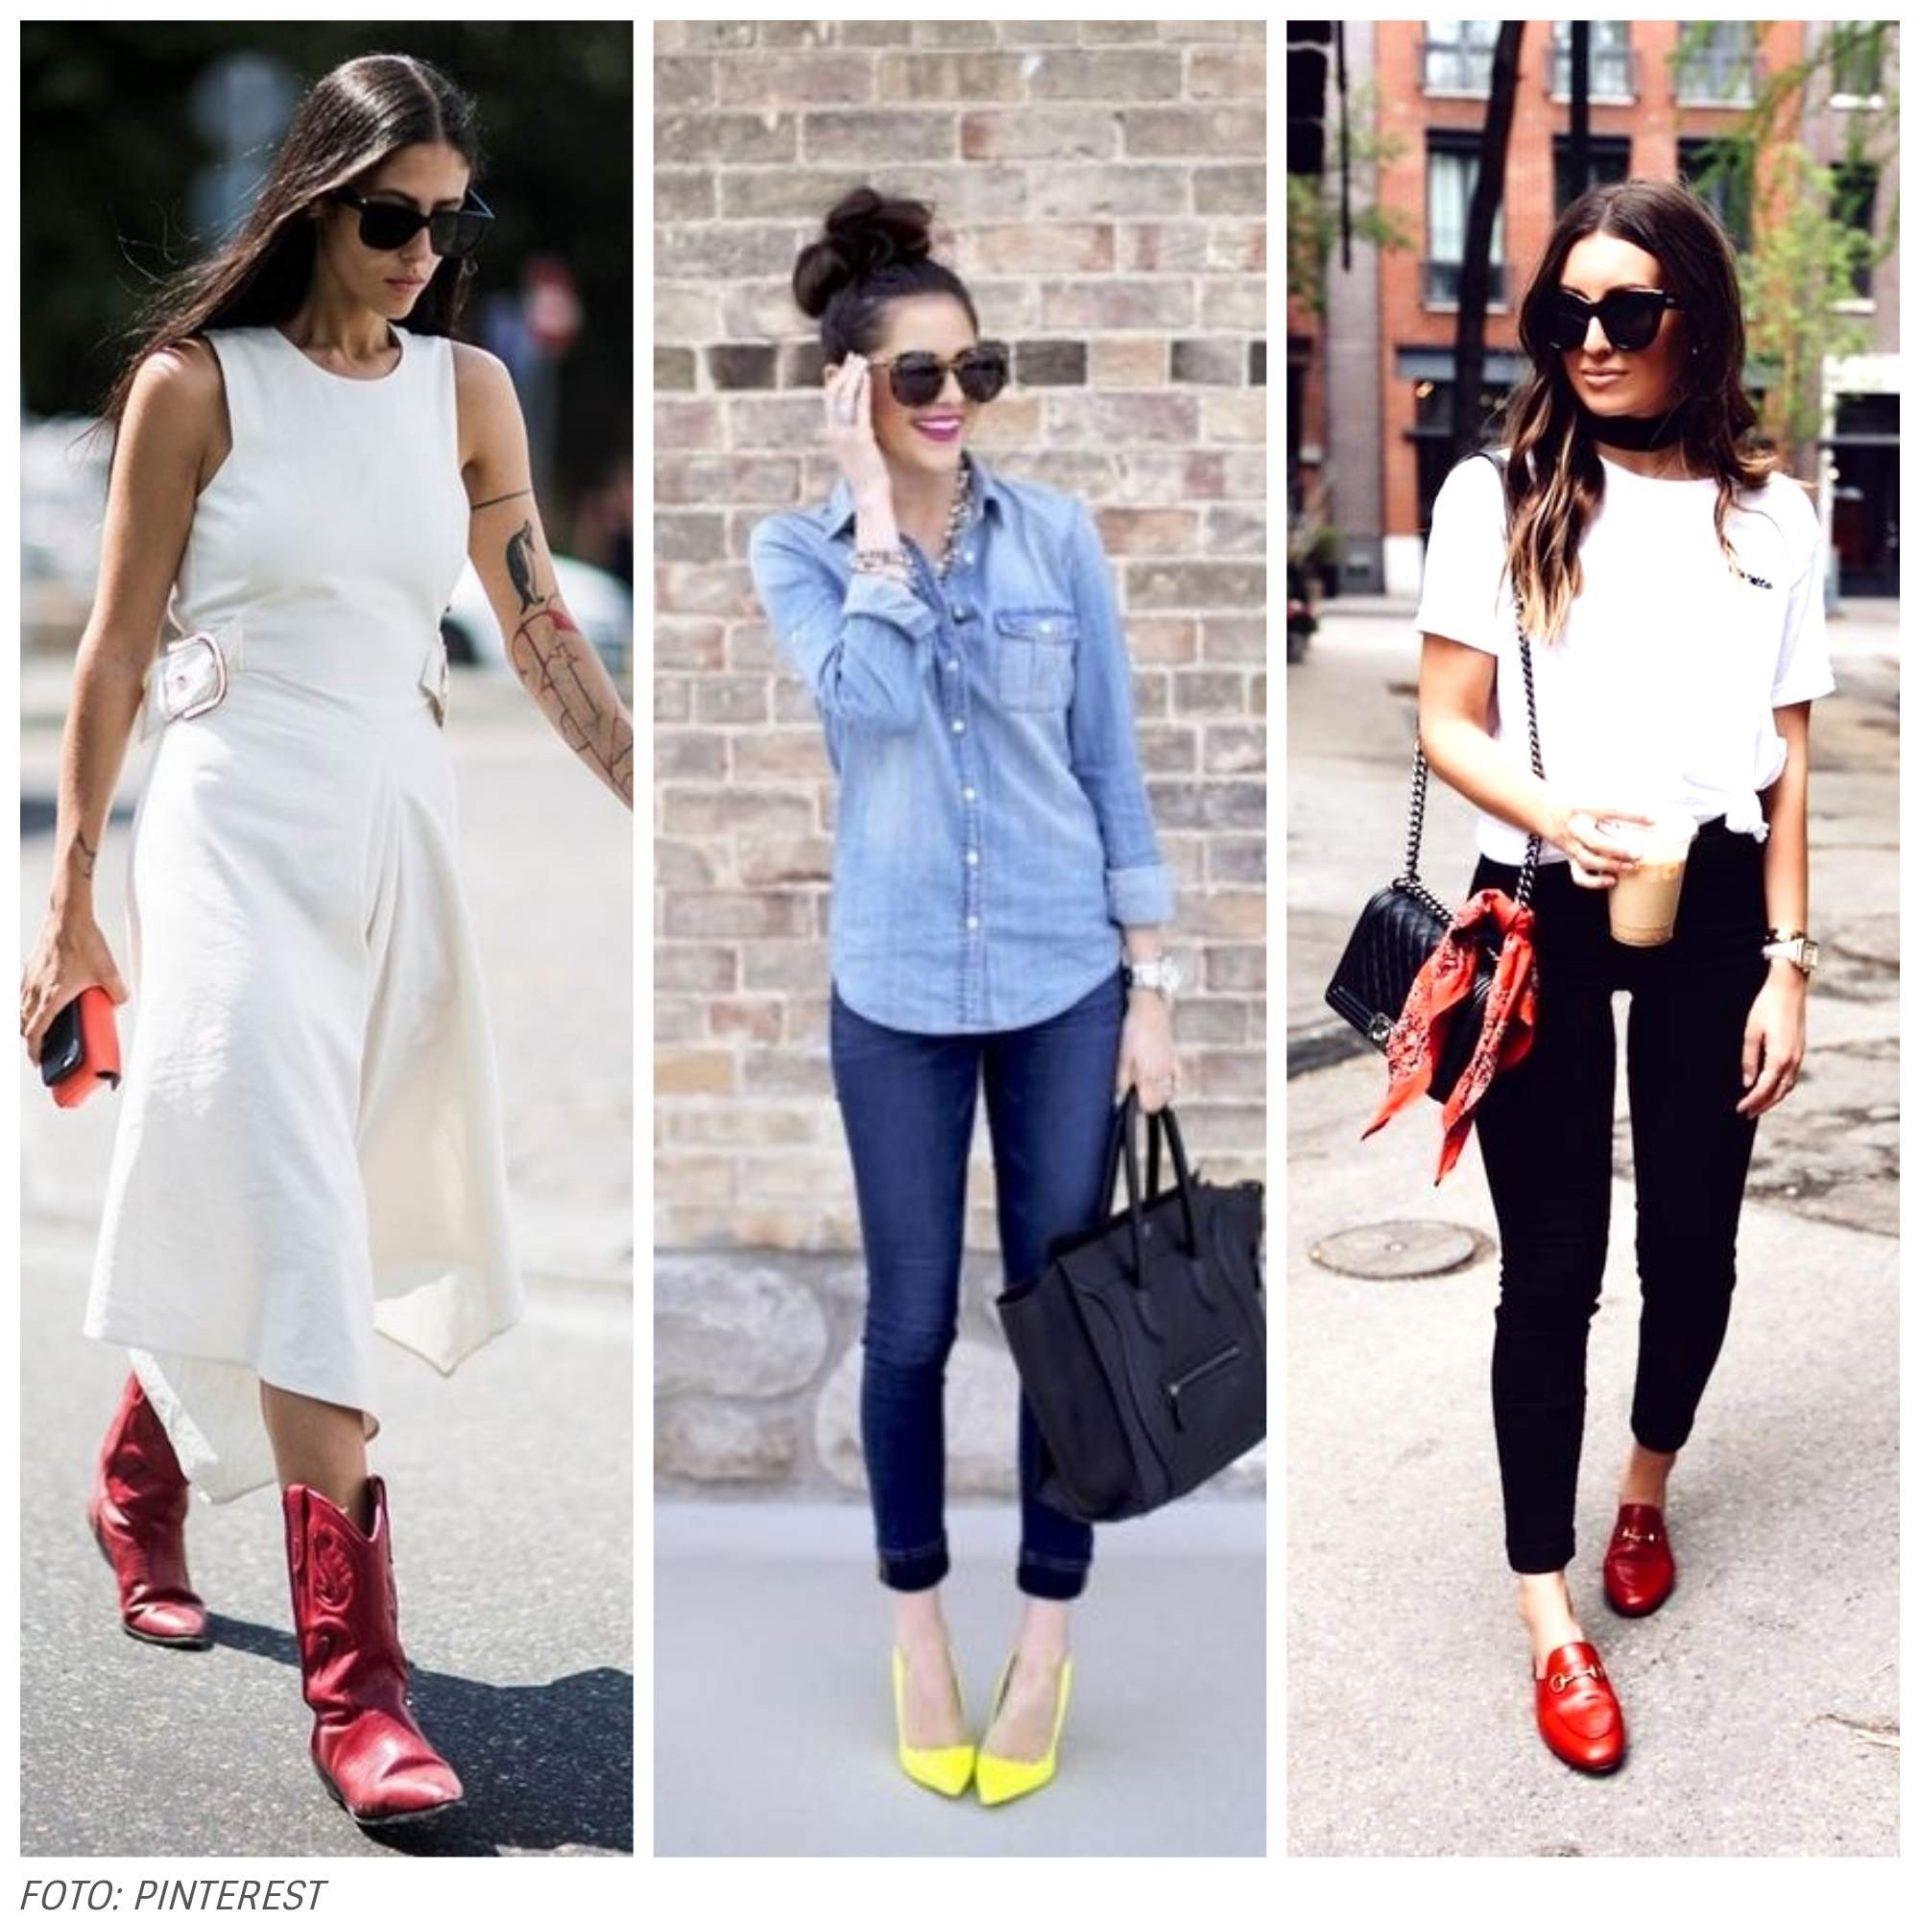 pontos de cor 5 1 - Ponto de cor: um truque rápido para os dias de preguiça fashion